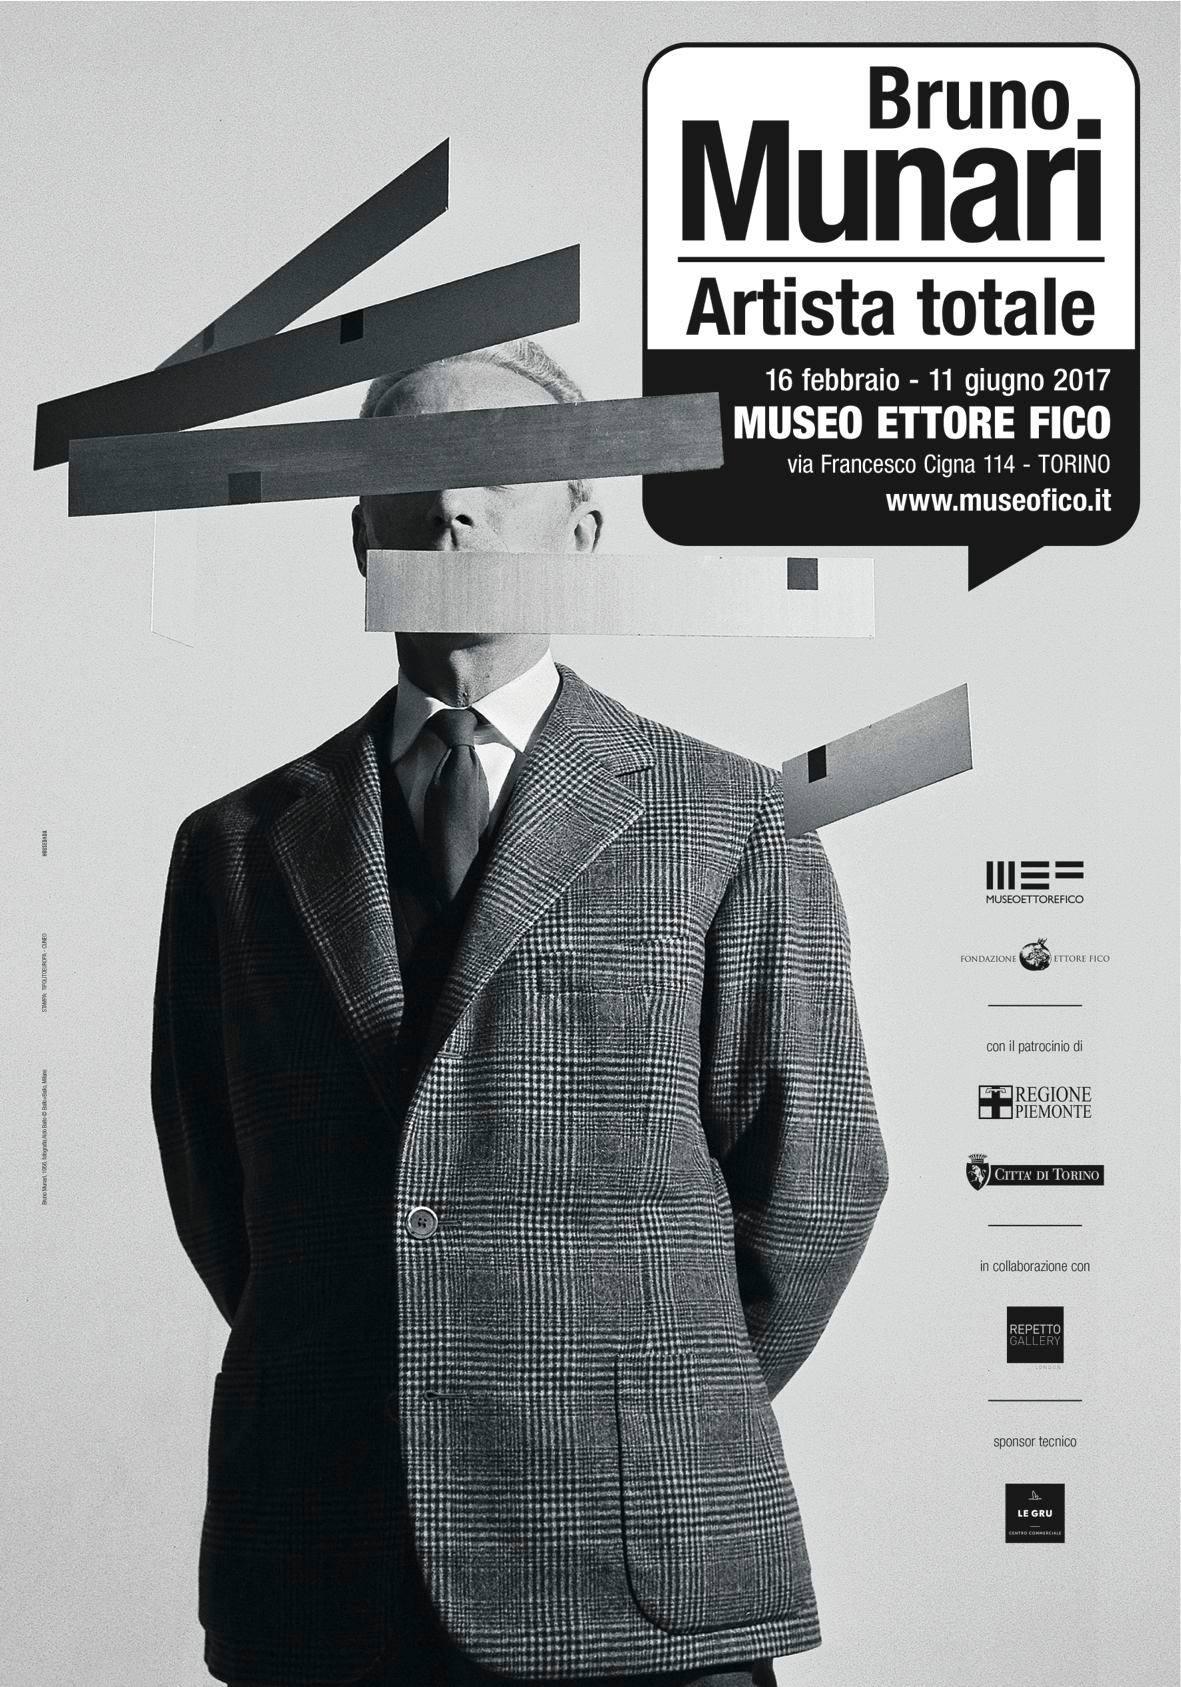 Bruno Munari artista totale locandina